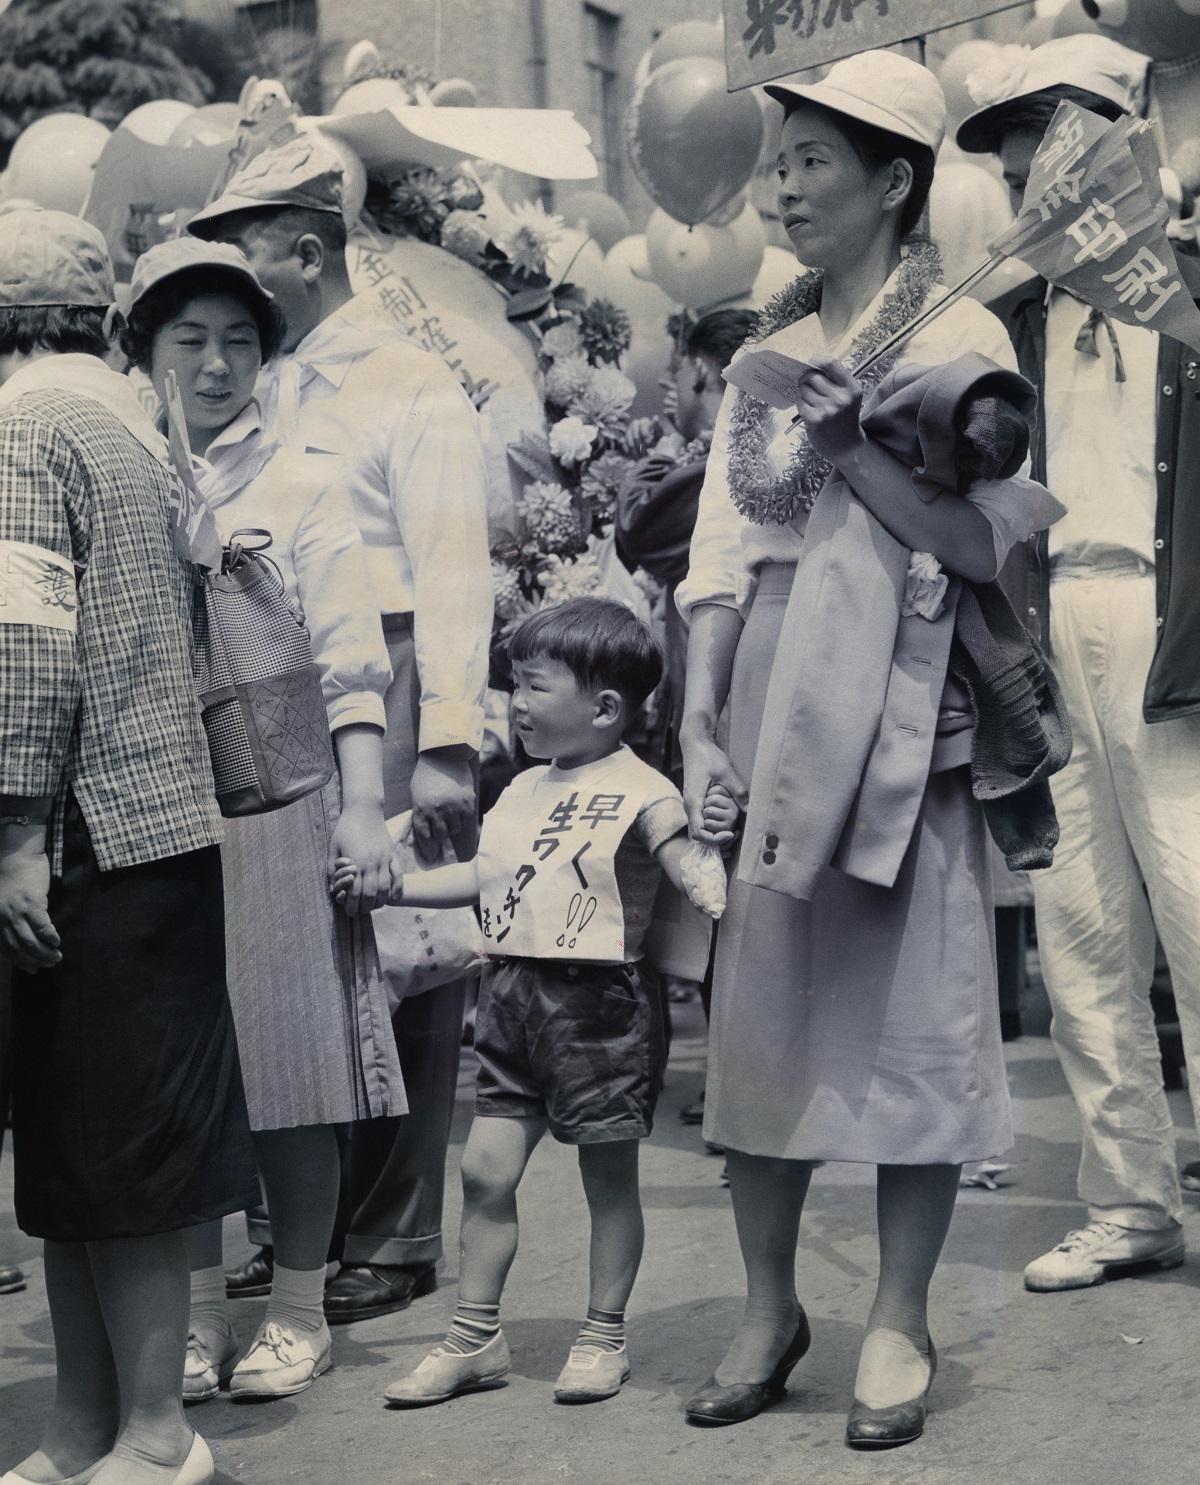 写真・図版 : 1961年5月のメーデーで、生ワクチンの配布を訴える子ども。「早く!! 生ワクチン」の文字が見える